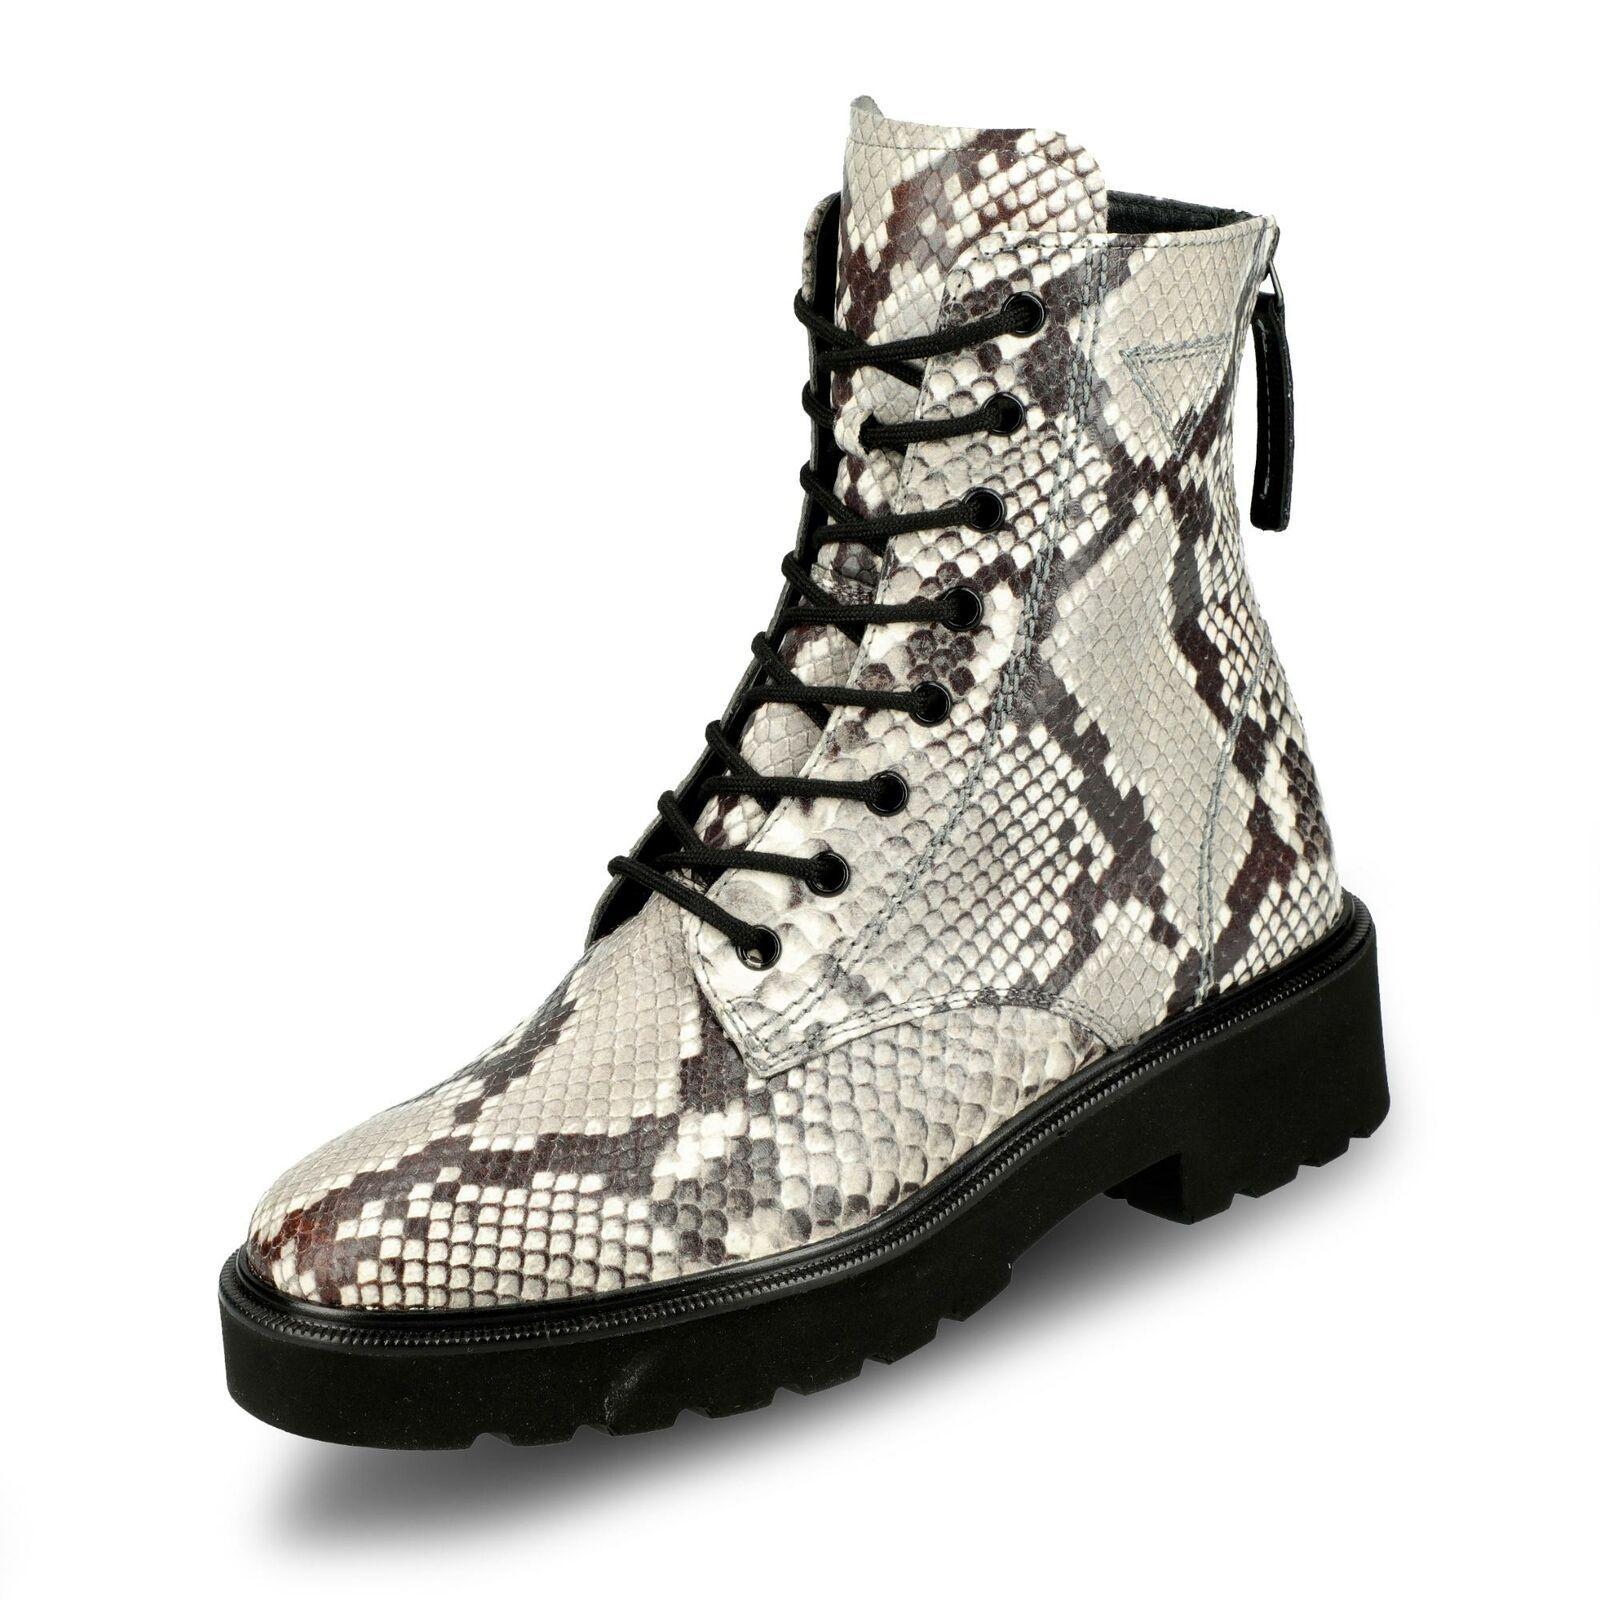 Paul Grün Damen Stiefel Stiefel Stiefelette Schnürstiefeletten Schuhe grau cobra